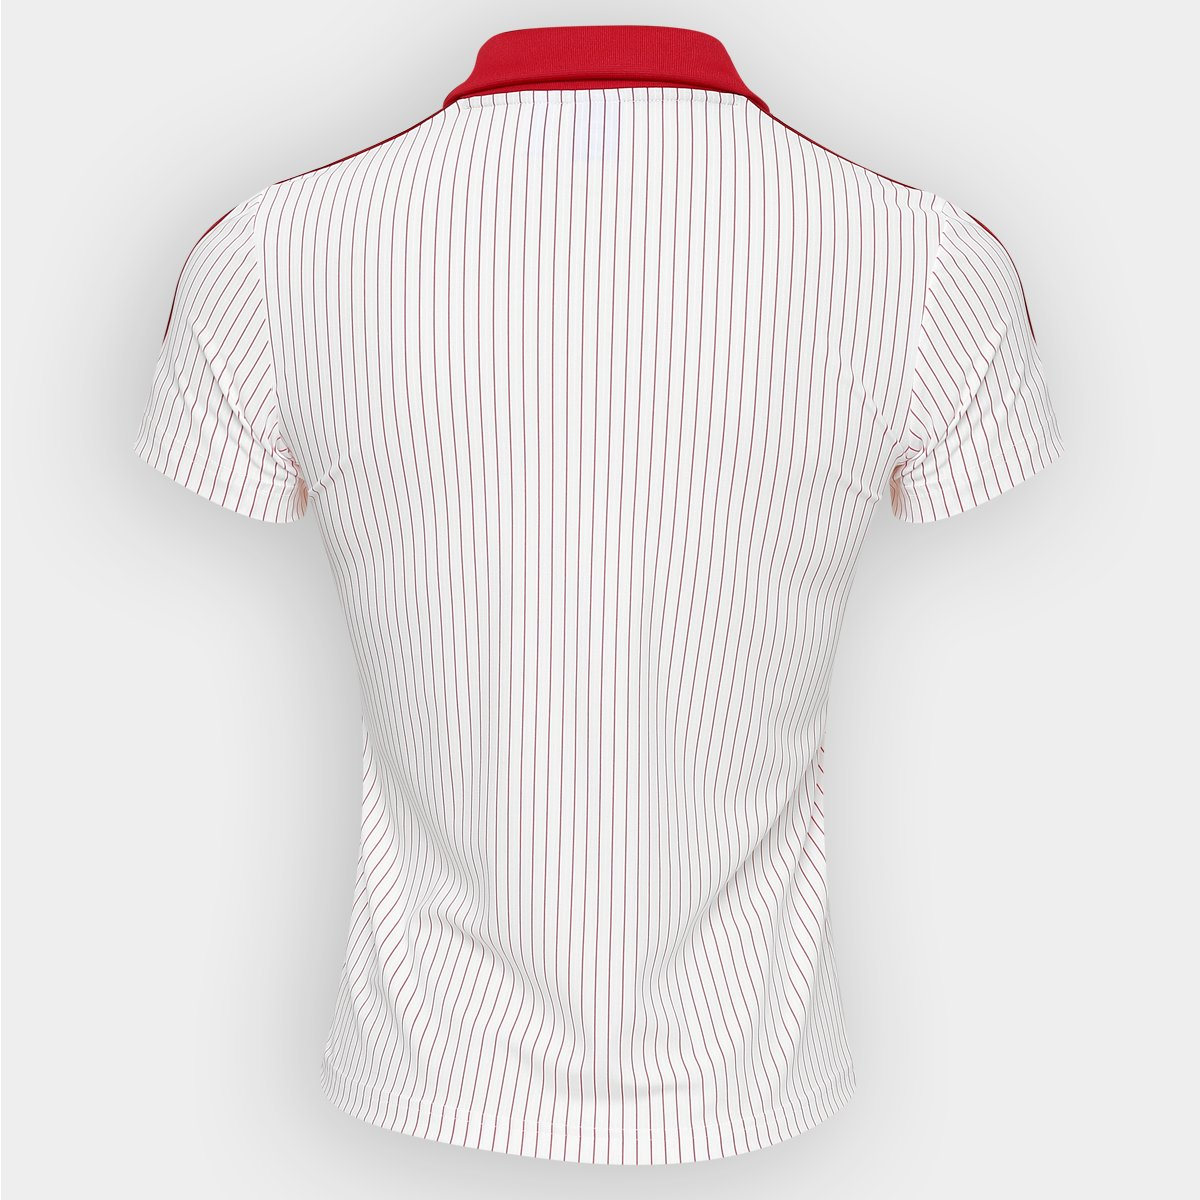 Camisa Retrô União Soviética Away 1982 Adidas Masculina - Compre ... 76cc215fdb18d